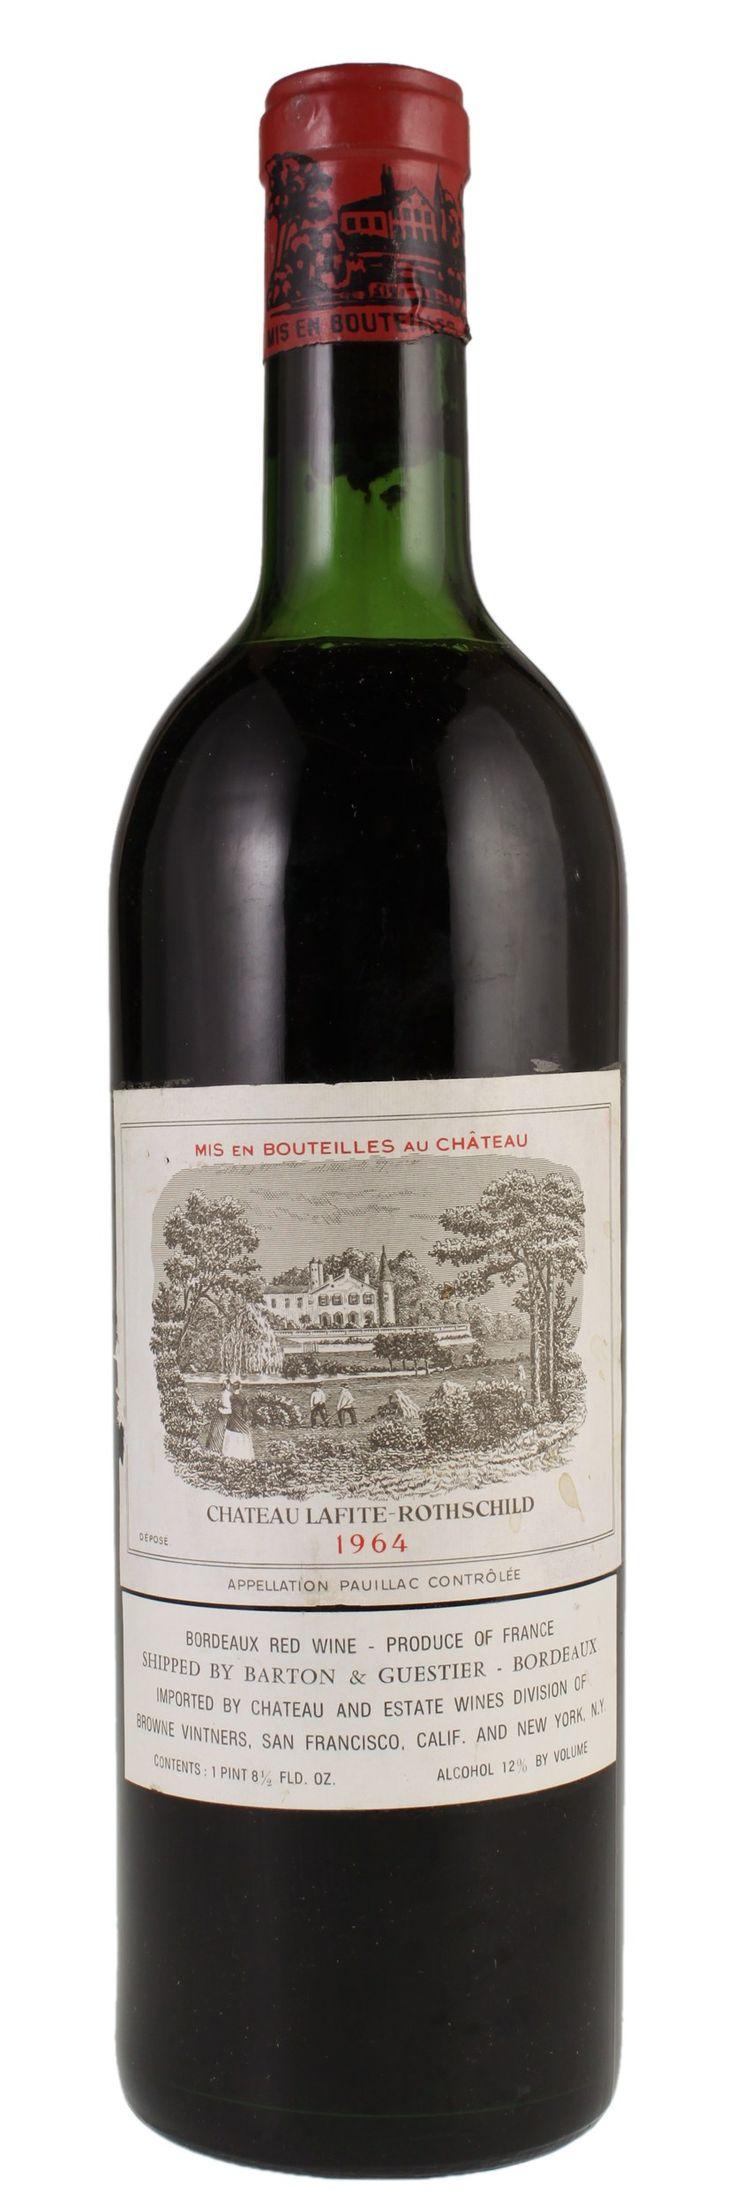 1964 Chateau Lafite-Rothschild Bordeaux